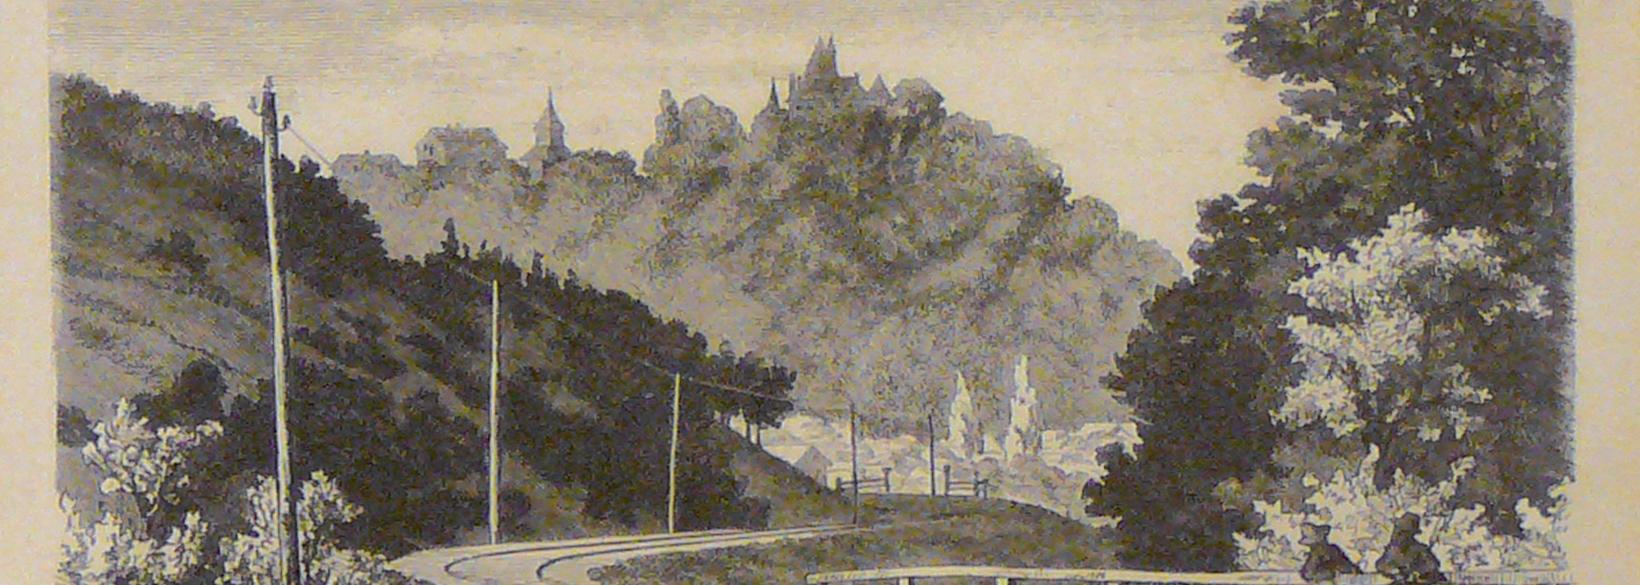 Tösstalbahn mit Kyburg im Hintergrund